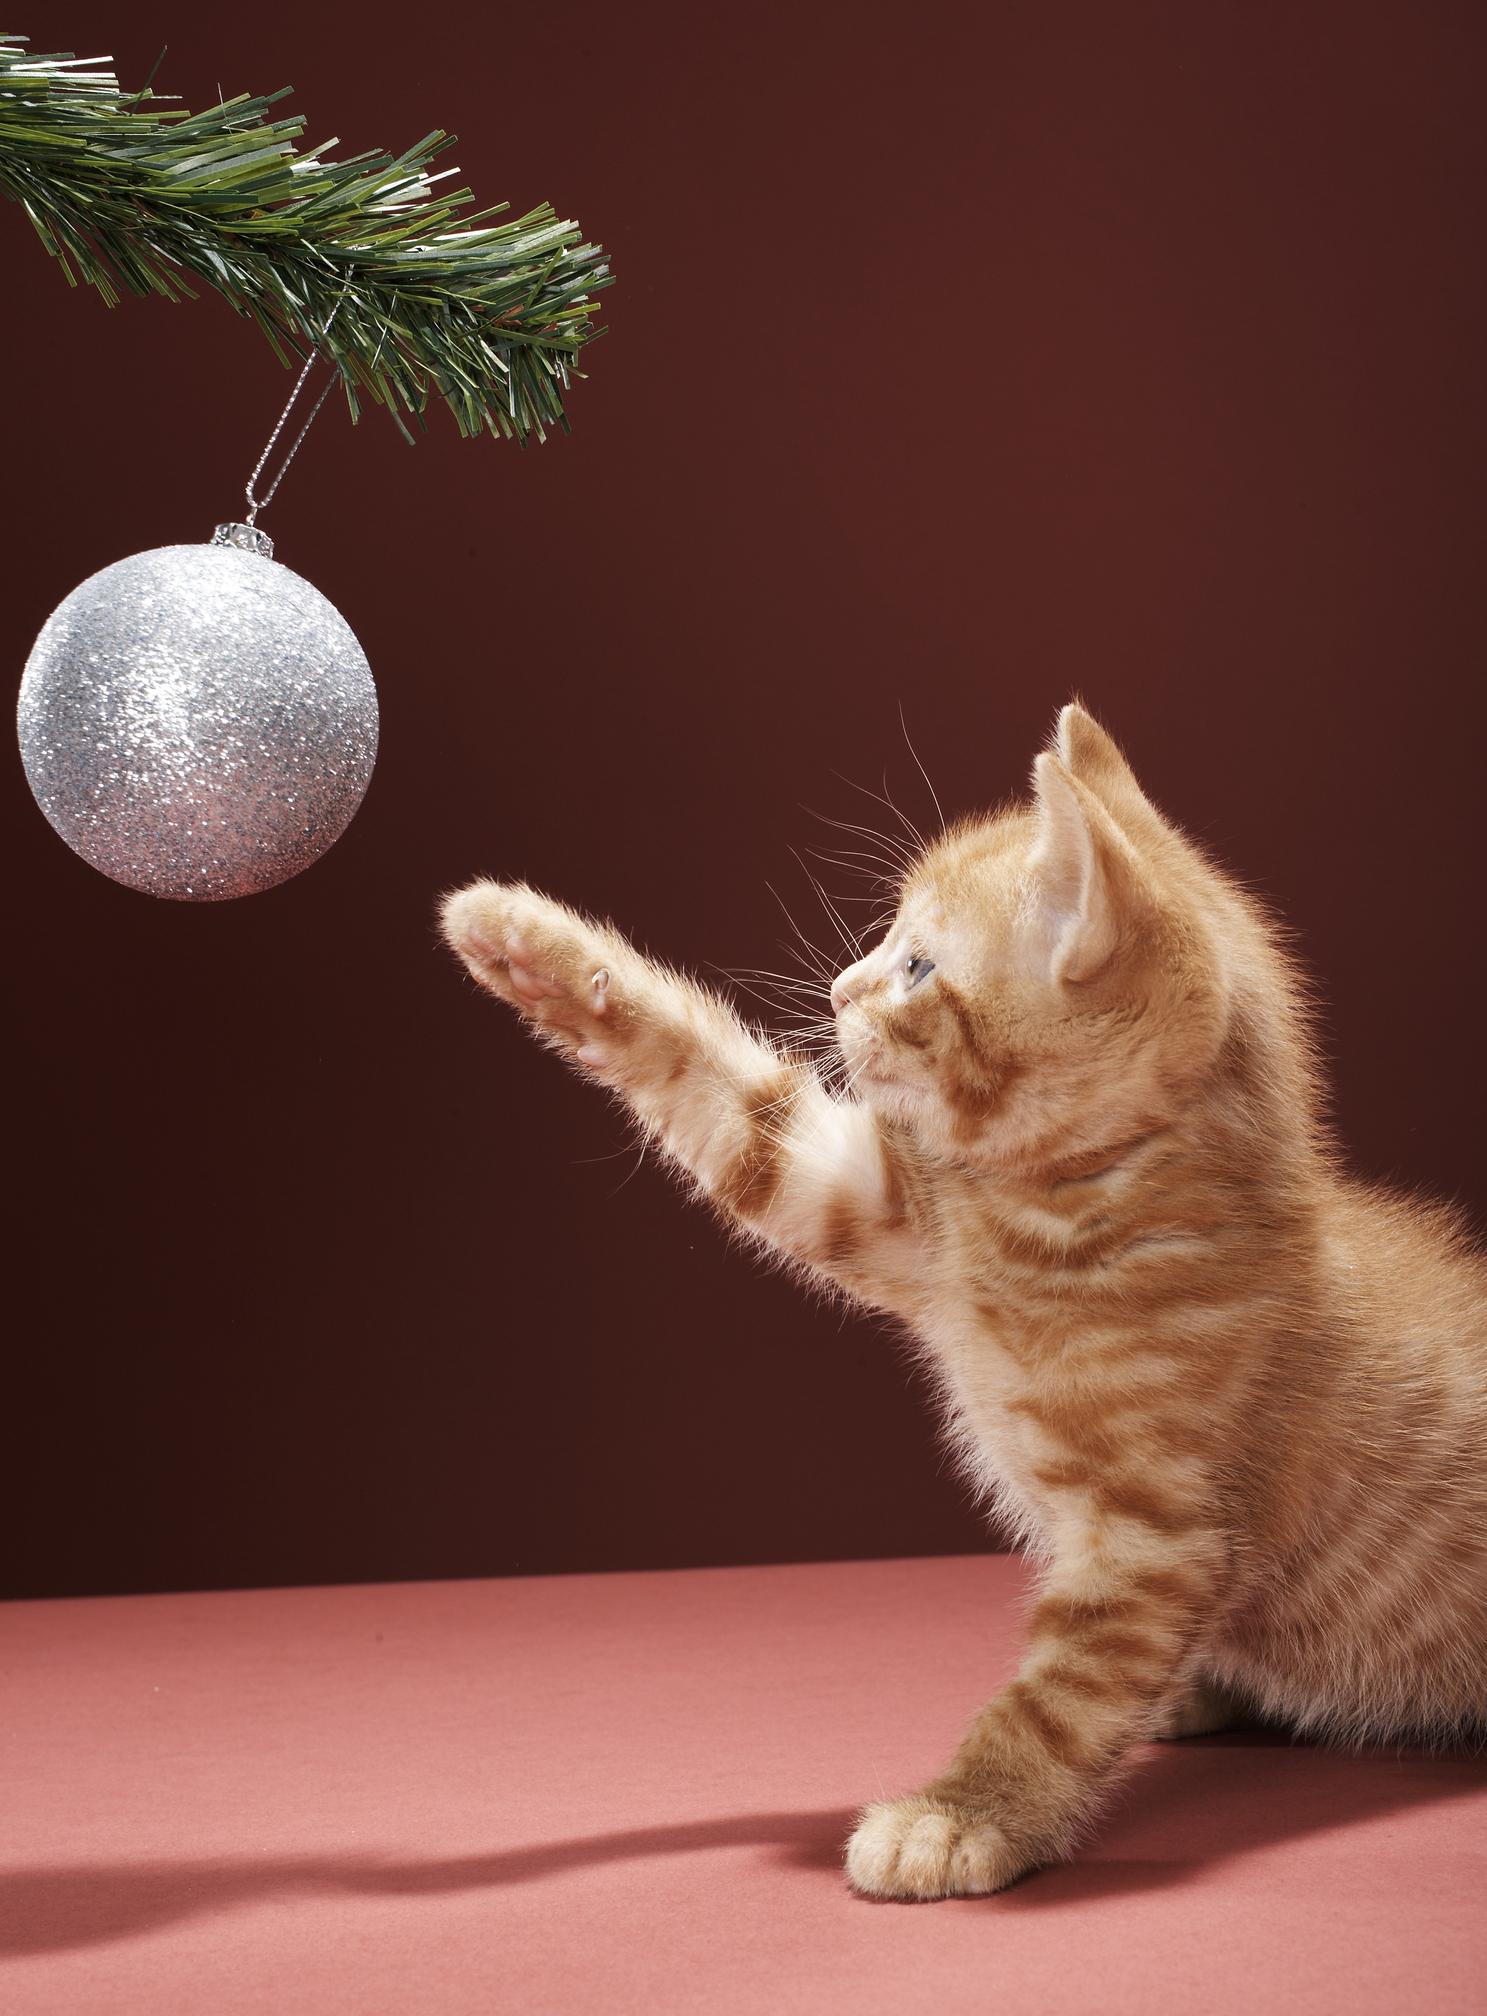 Gatinho brincando com bola de Natal